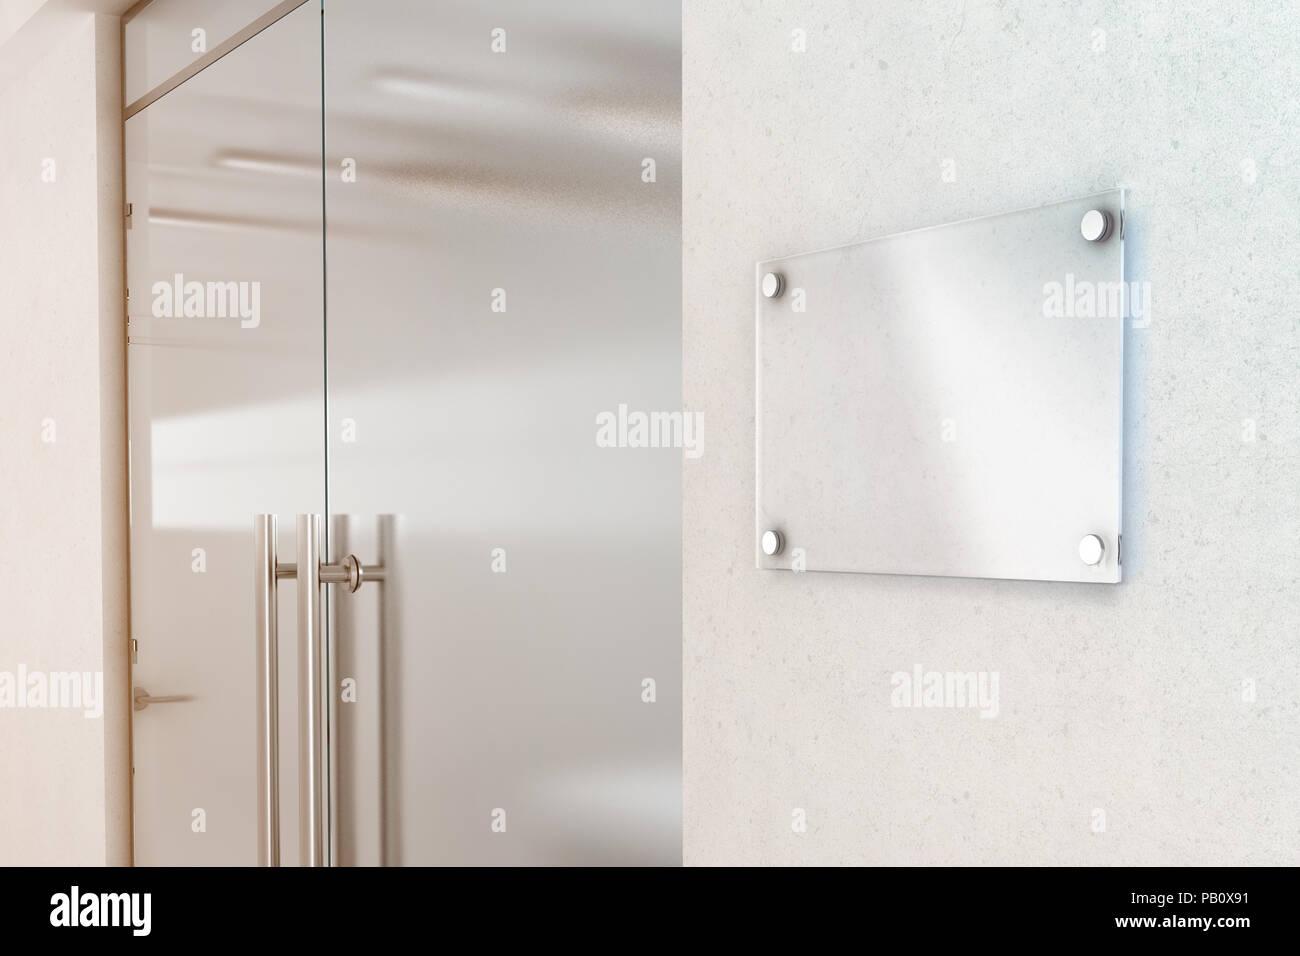 Blank Transparent Glass Sign Plate Design Mockup 3d Rendering